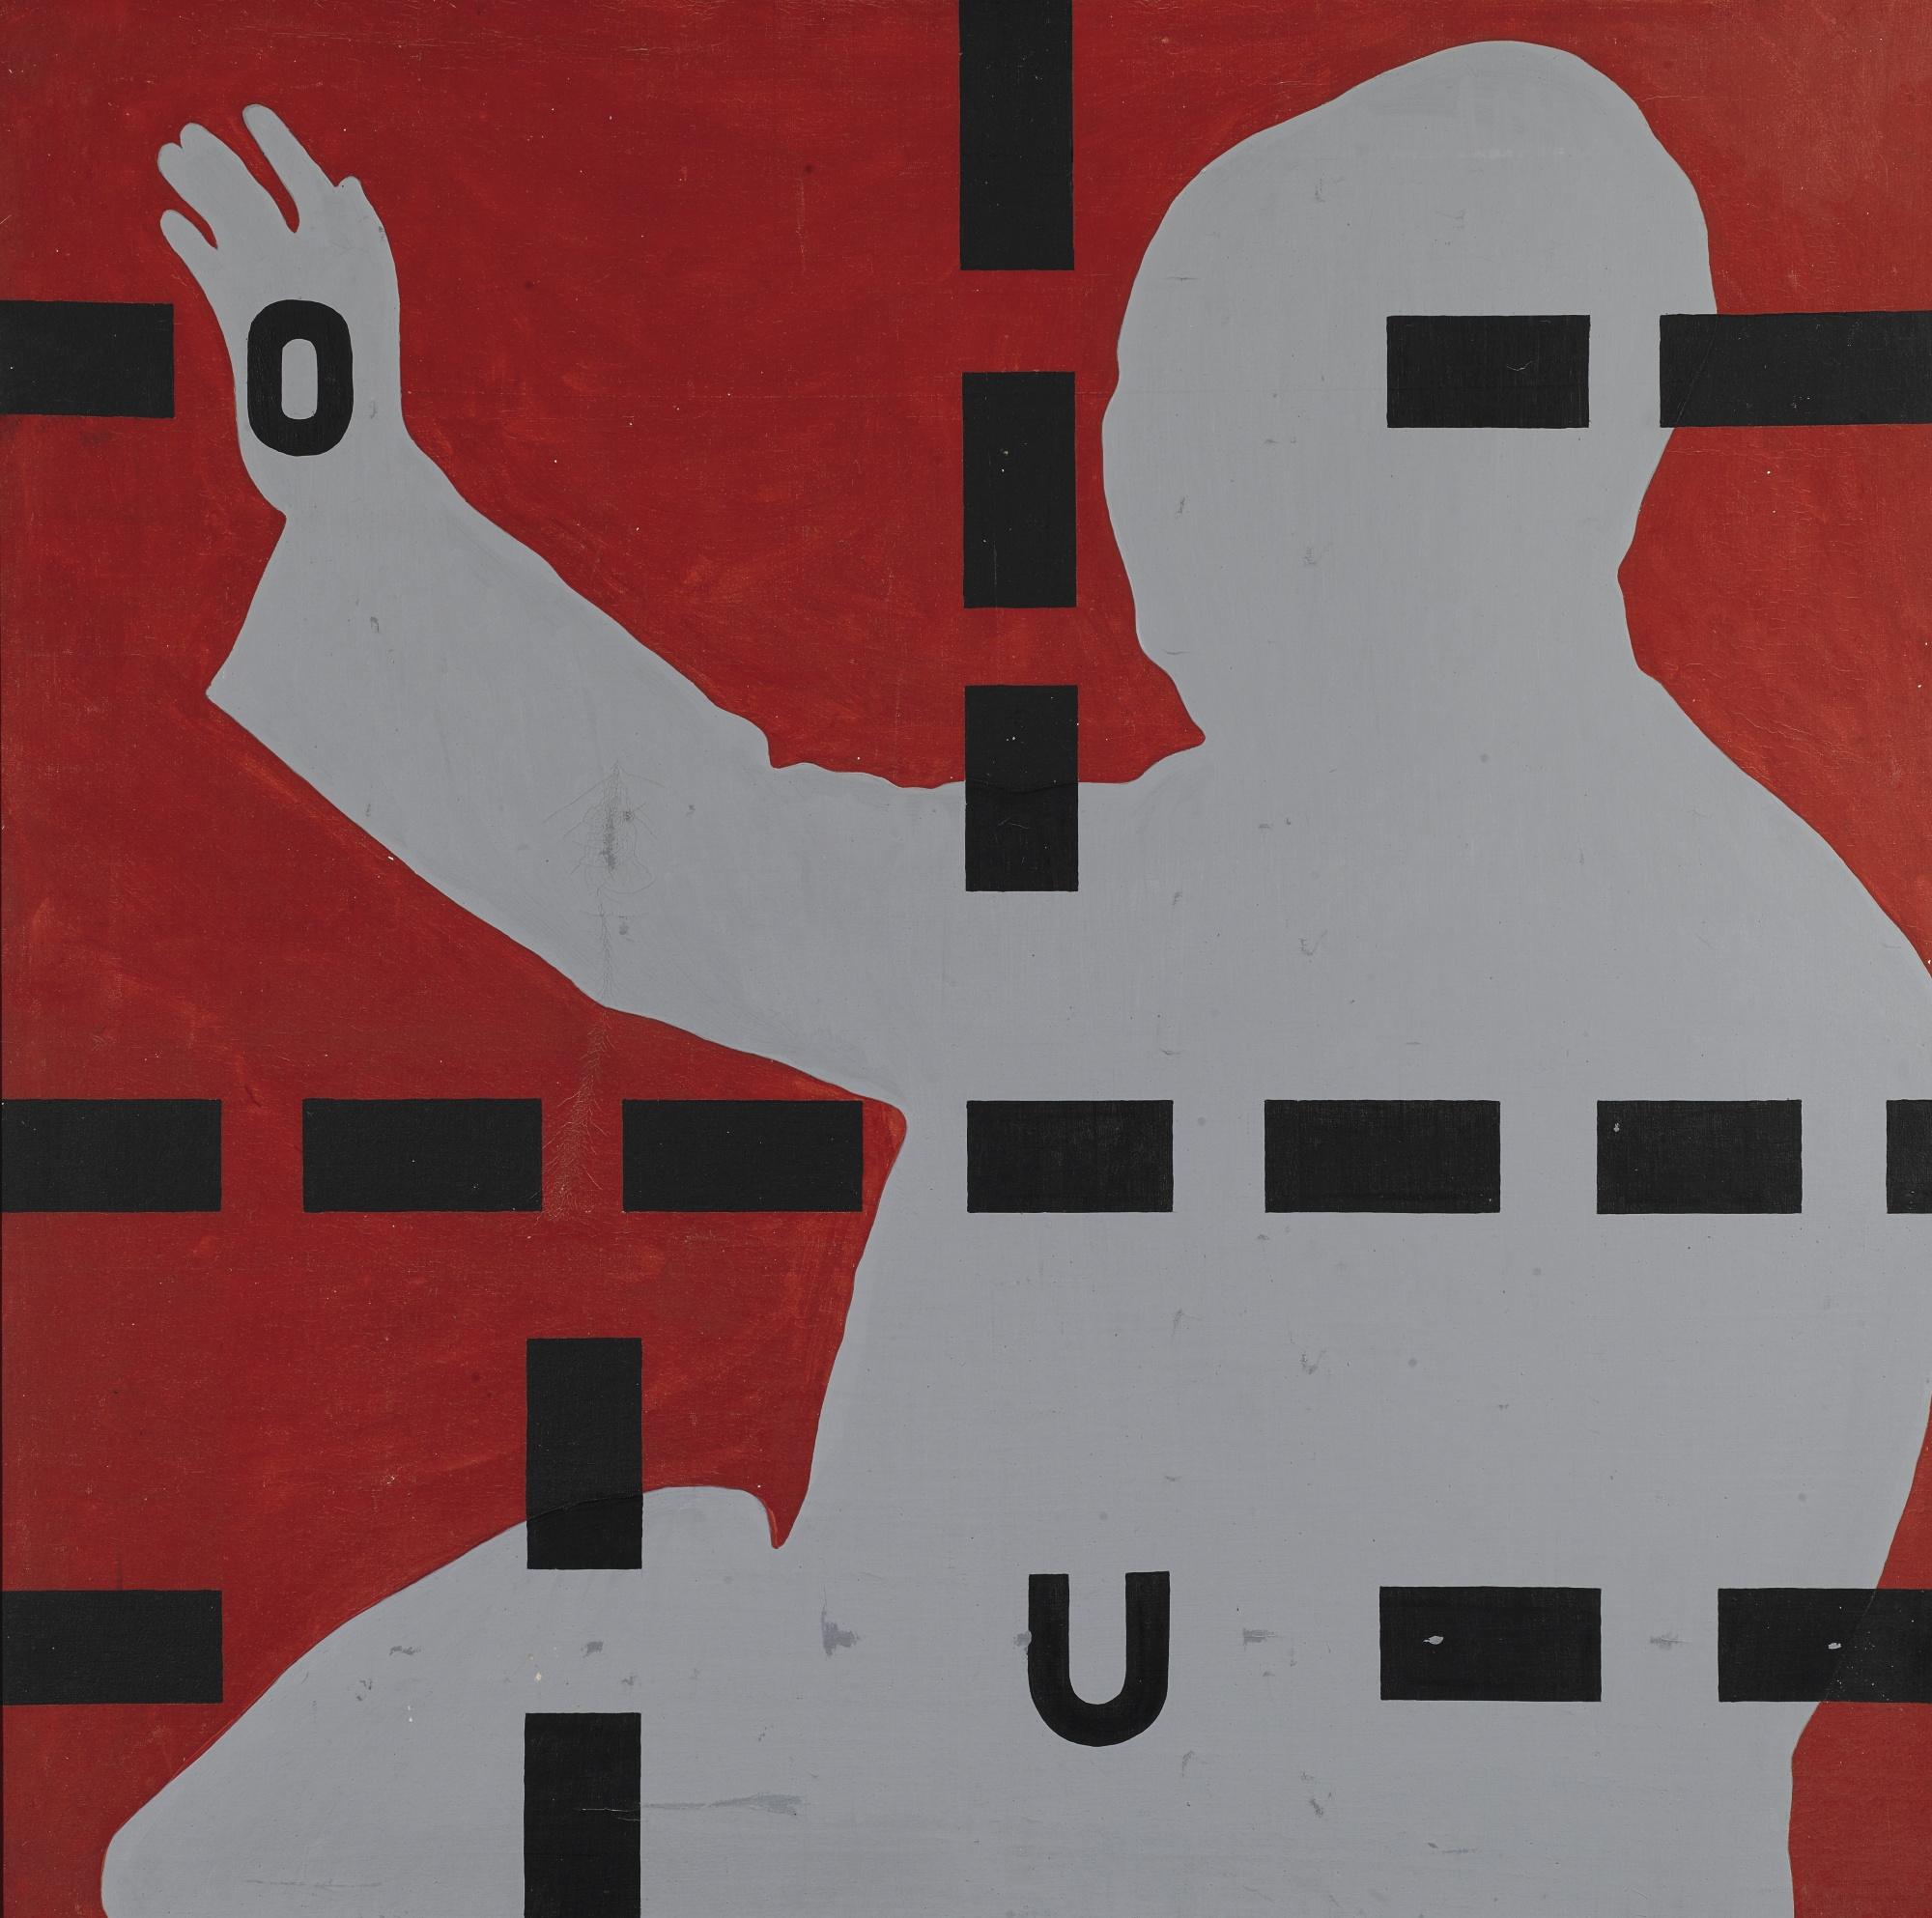 Wang Guangyi-Mao Zedong Ou-1989